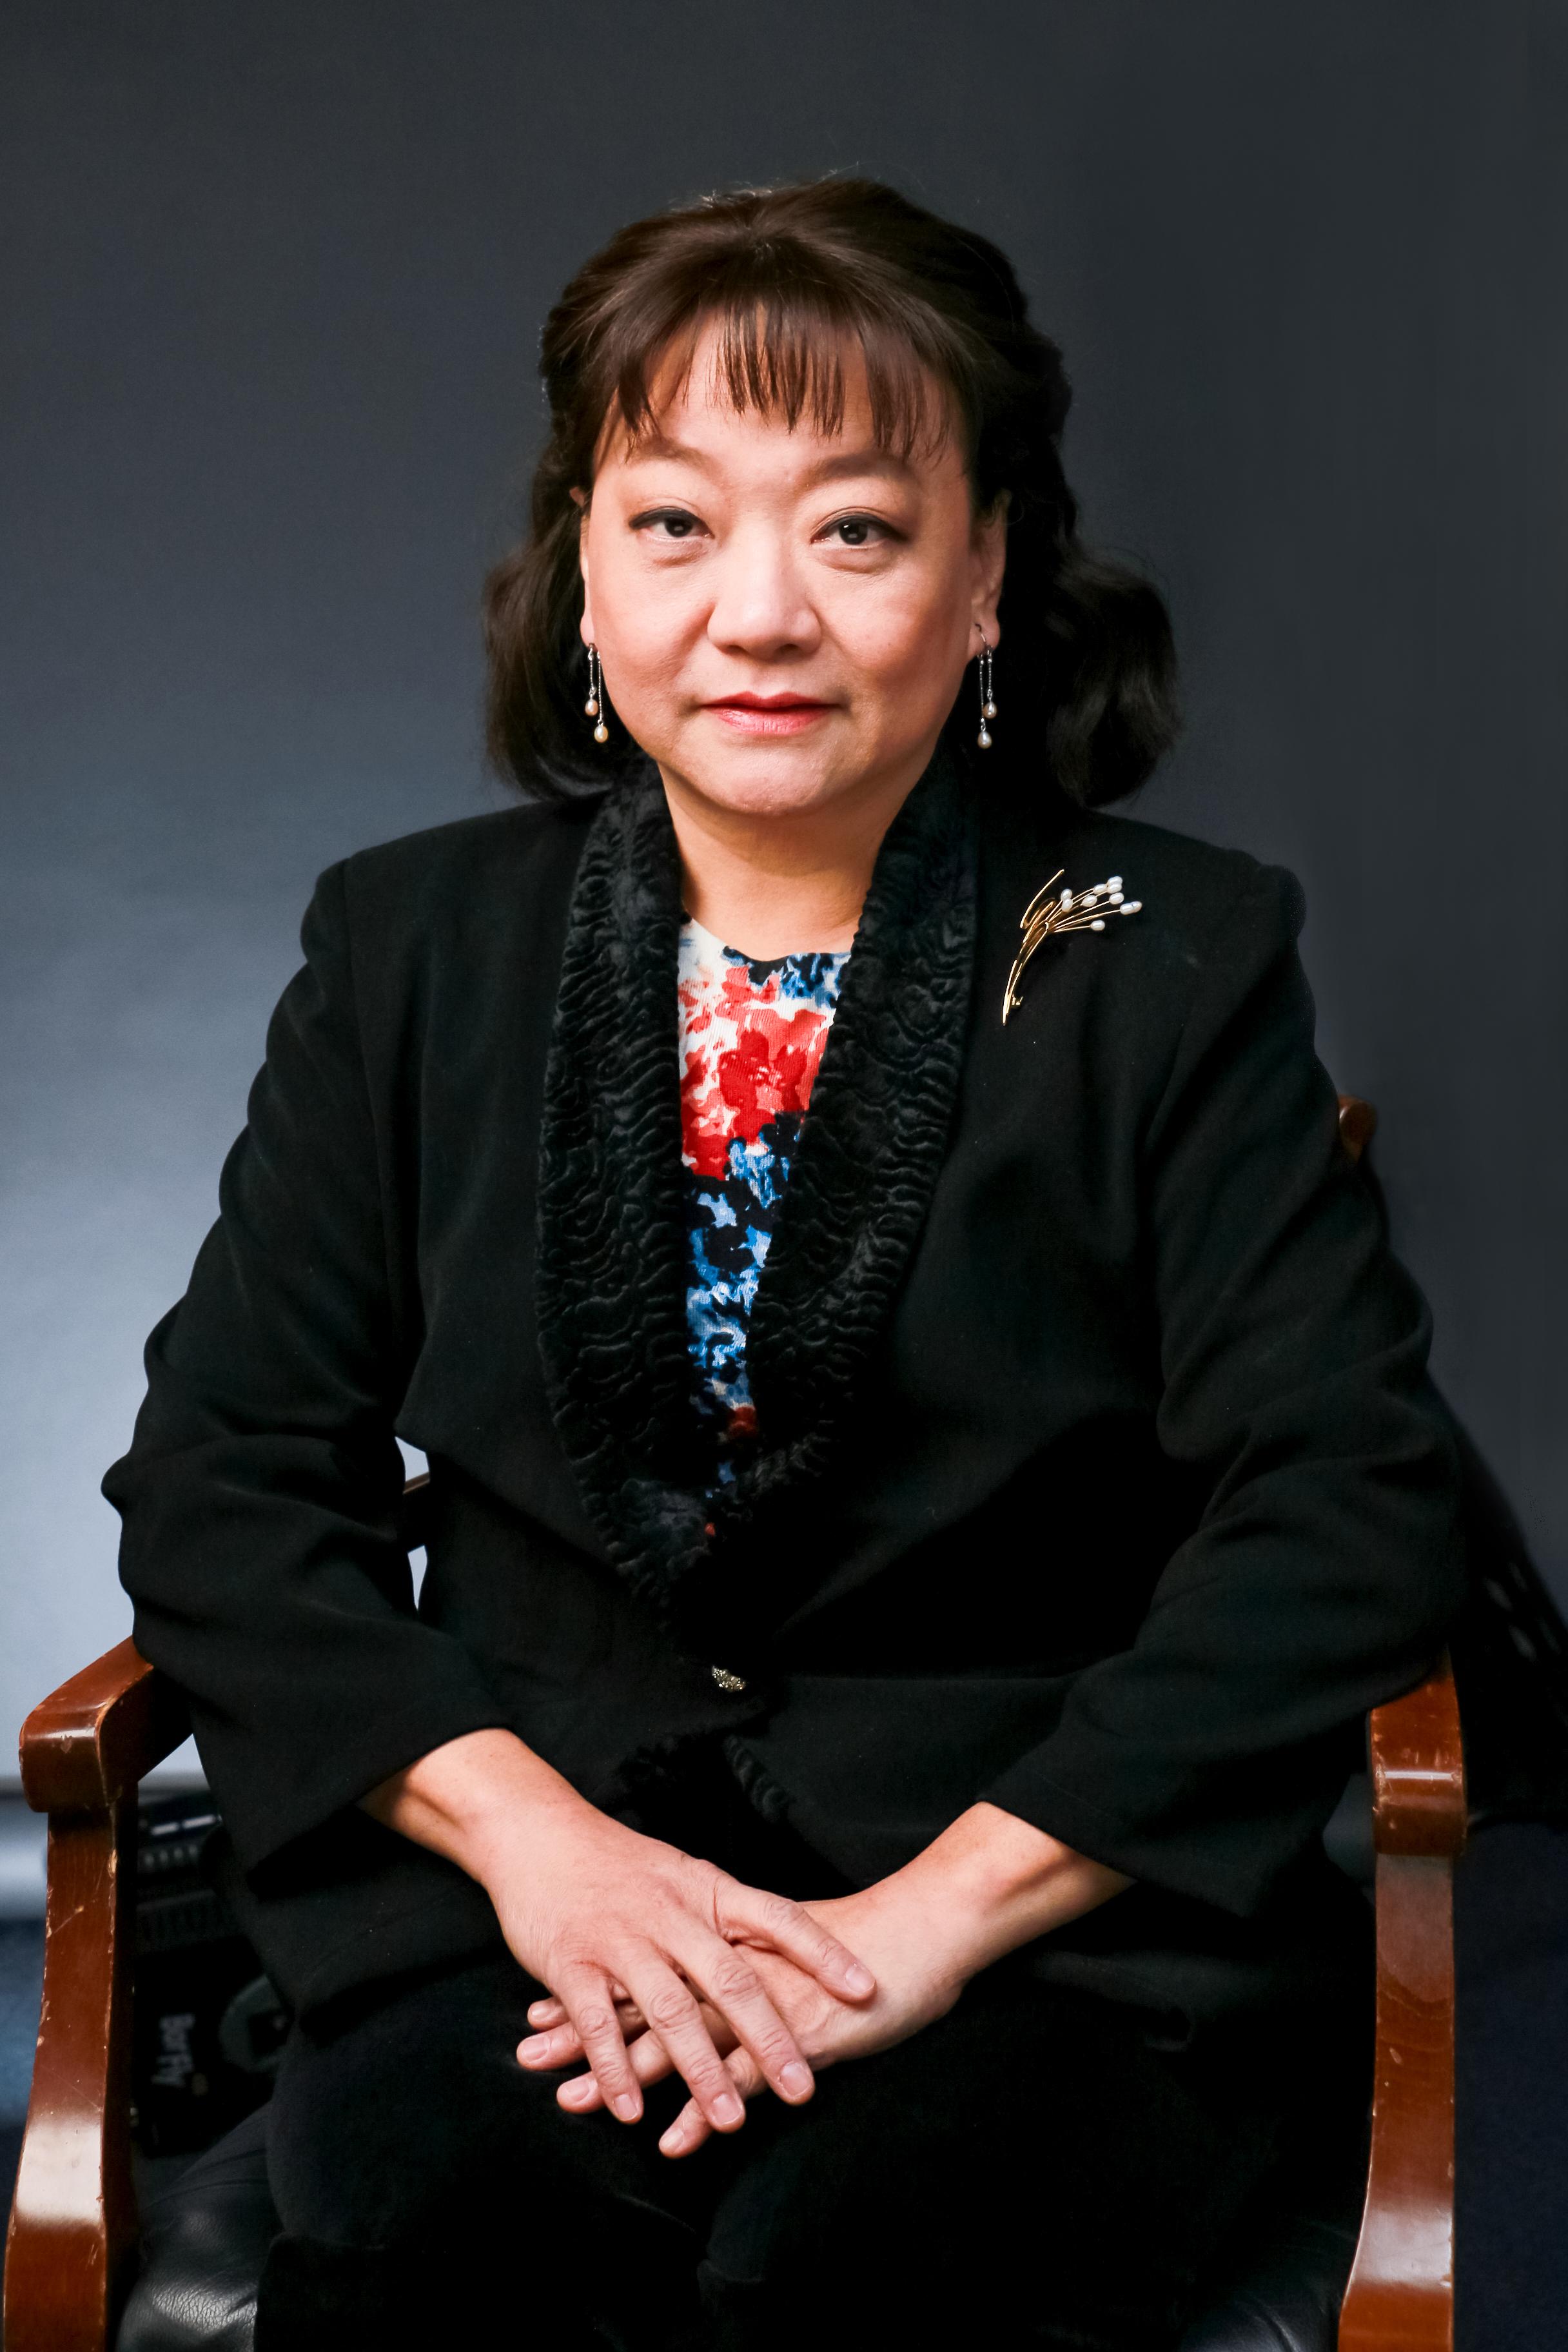 飛天大學教授、新唐人鋼琴大賽評委劉紹珊教授接受大紀元專訪。(大紀元)